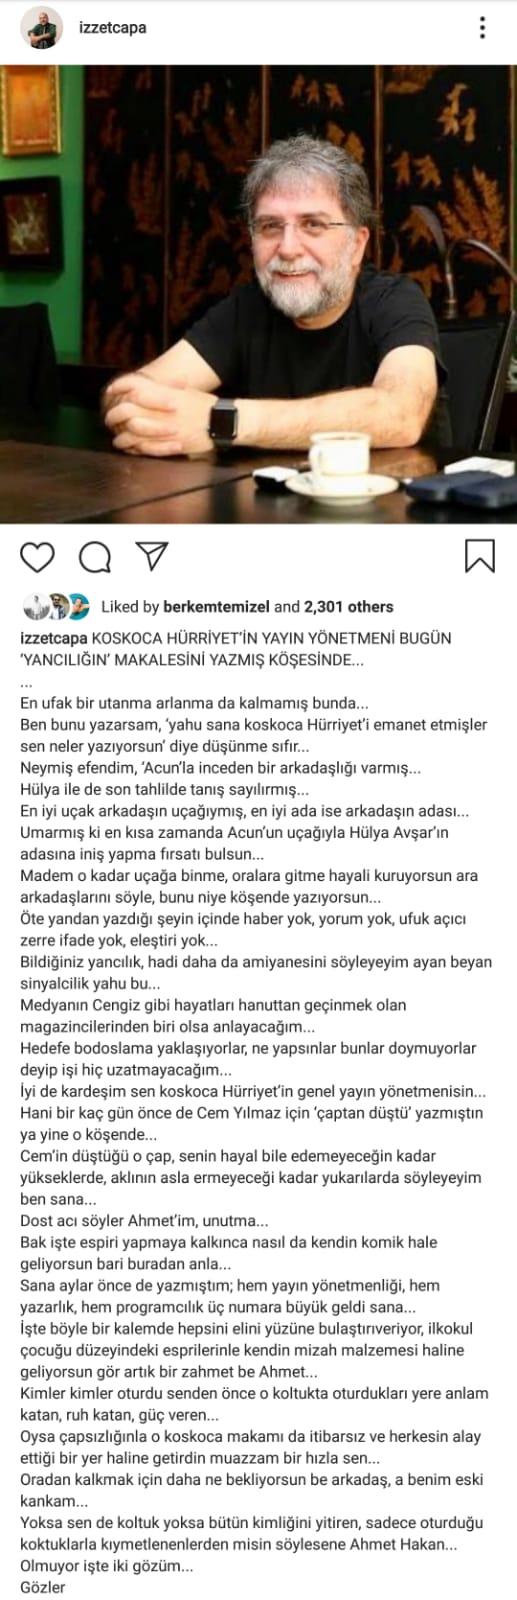 """İzzet Çapa Ahmet Hakan'a Verdi Veriştirdi: """"Utanması Arlanması Yok"""""""